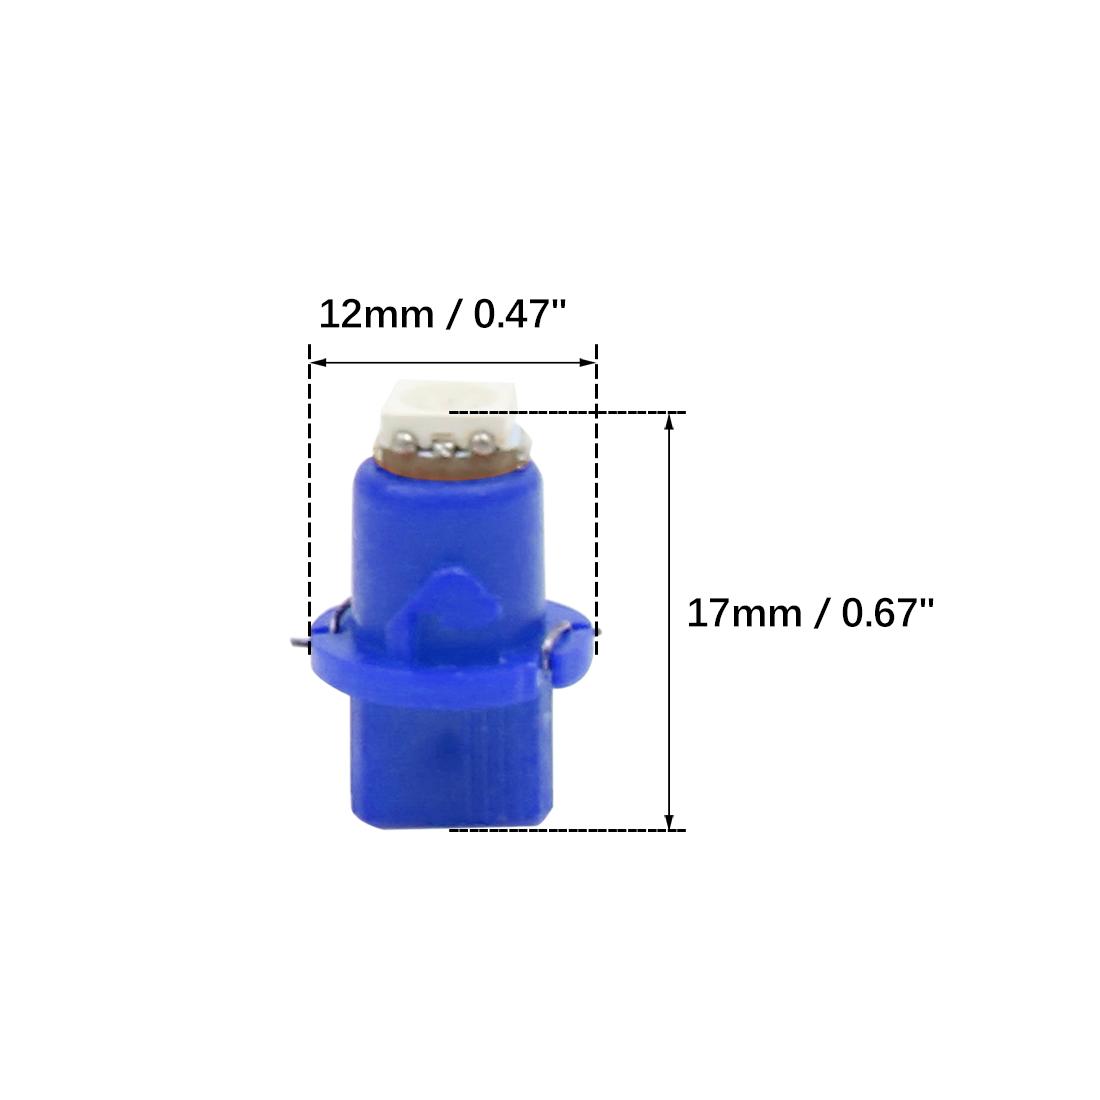 6pcs T5 LED Bulb Light 5050 SMD Car Instrument Cluster Blue Lamp Interior DC 12V - image 3 de 4